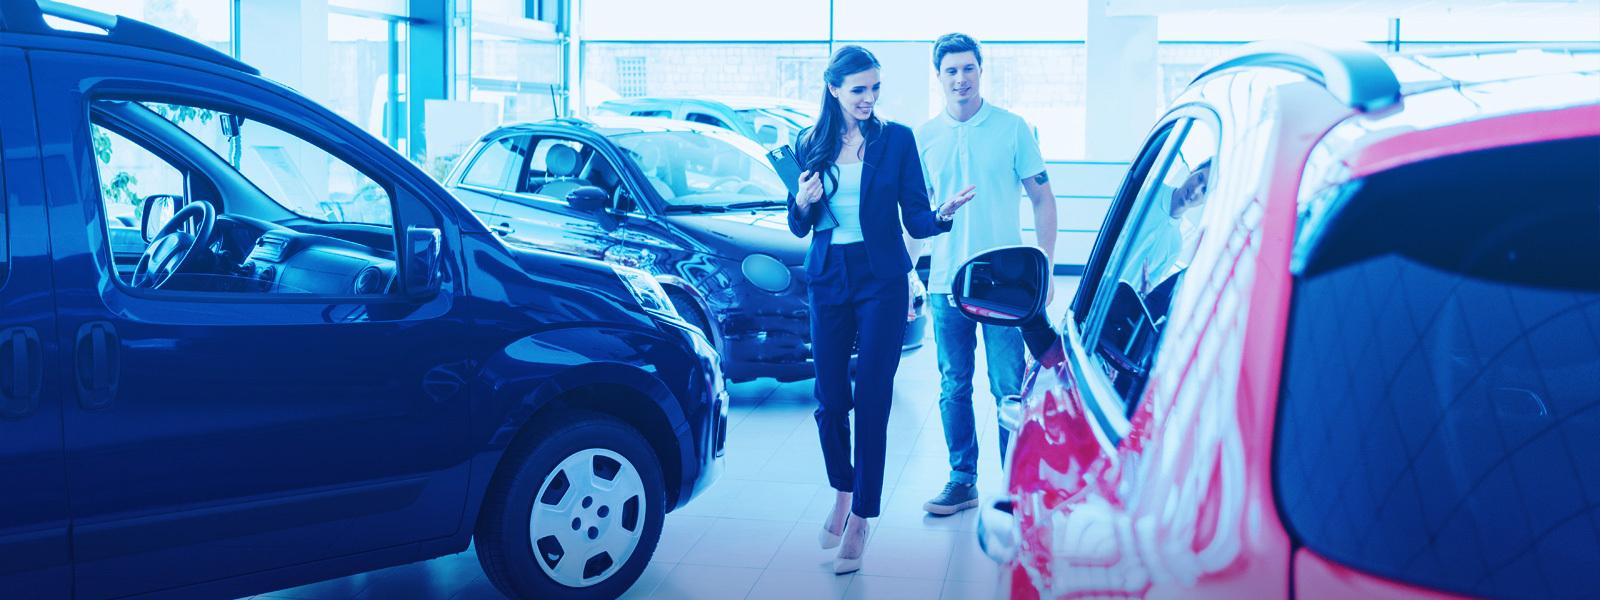 Conheça a nova maneira de comprar carros